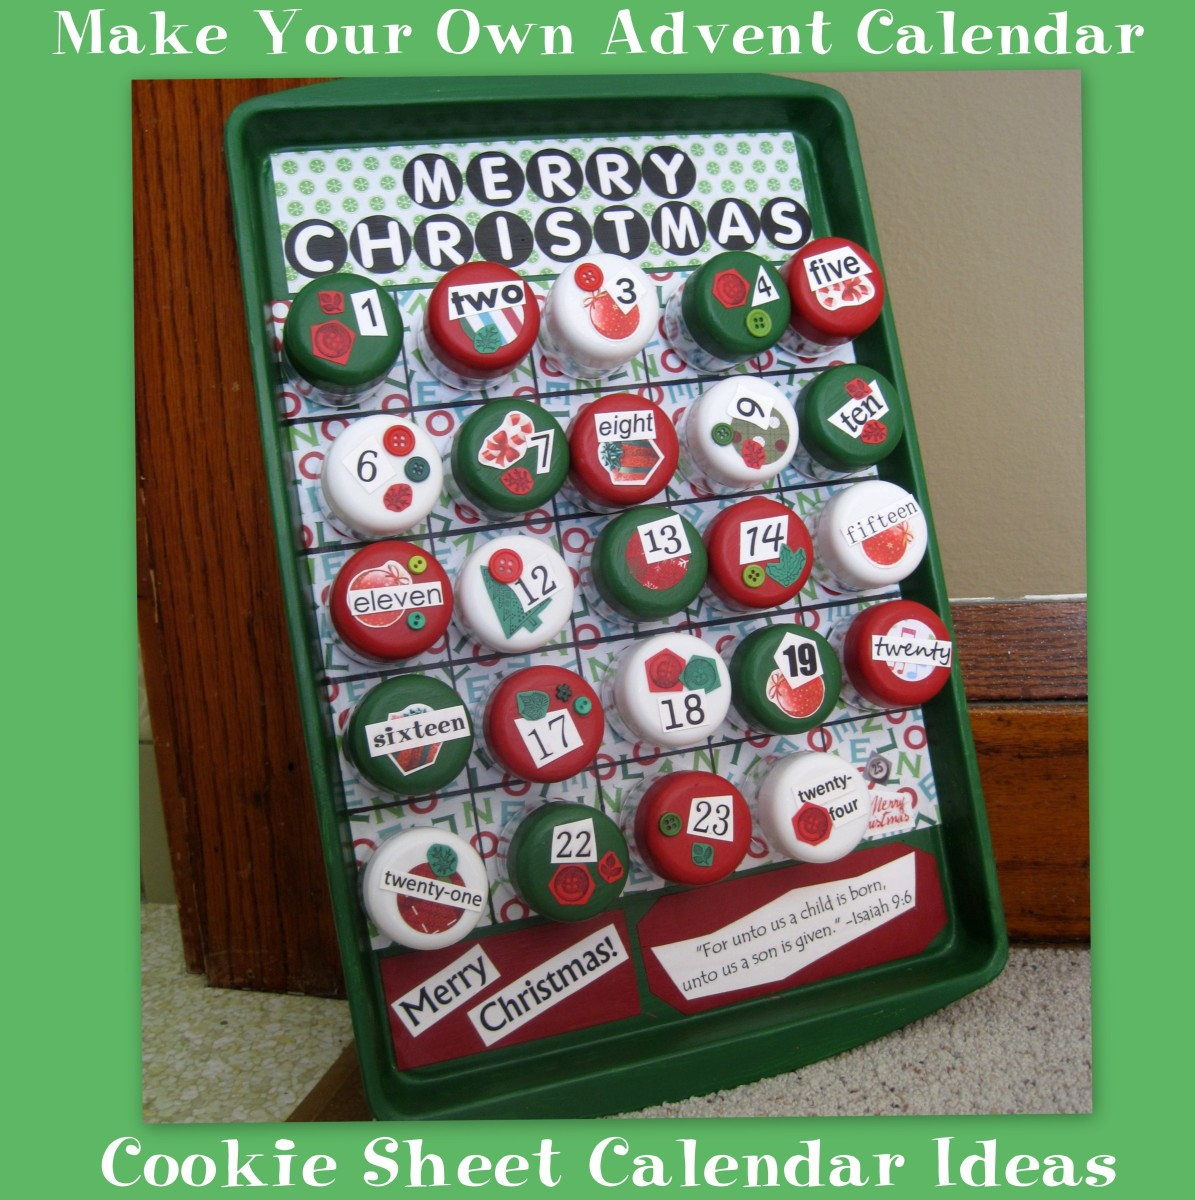 Make Your Own Advent Calendar Cookie Sheet Calendar Ideas